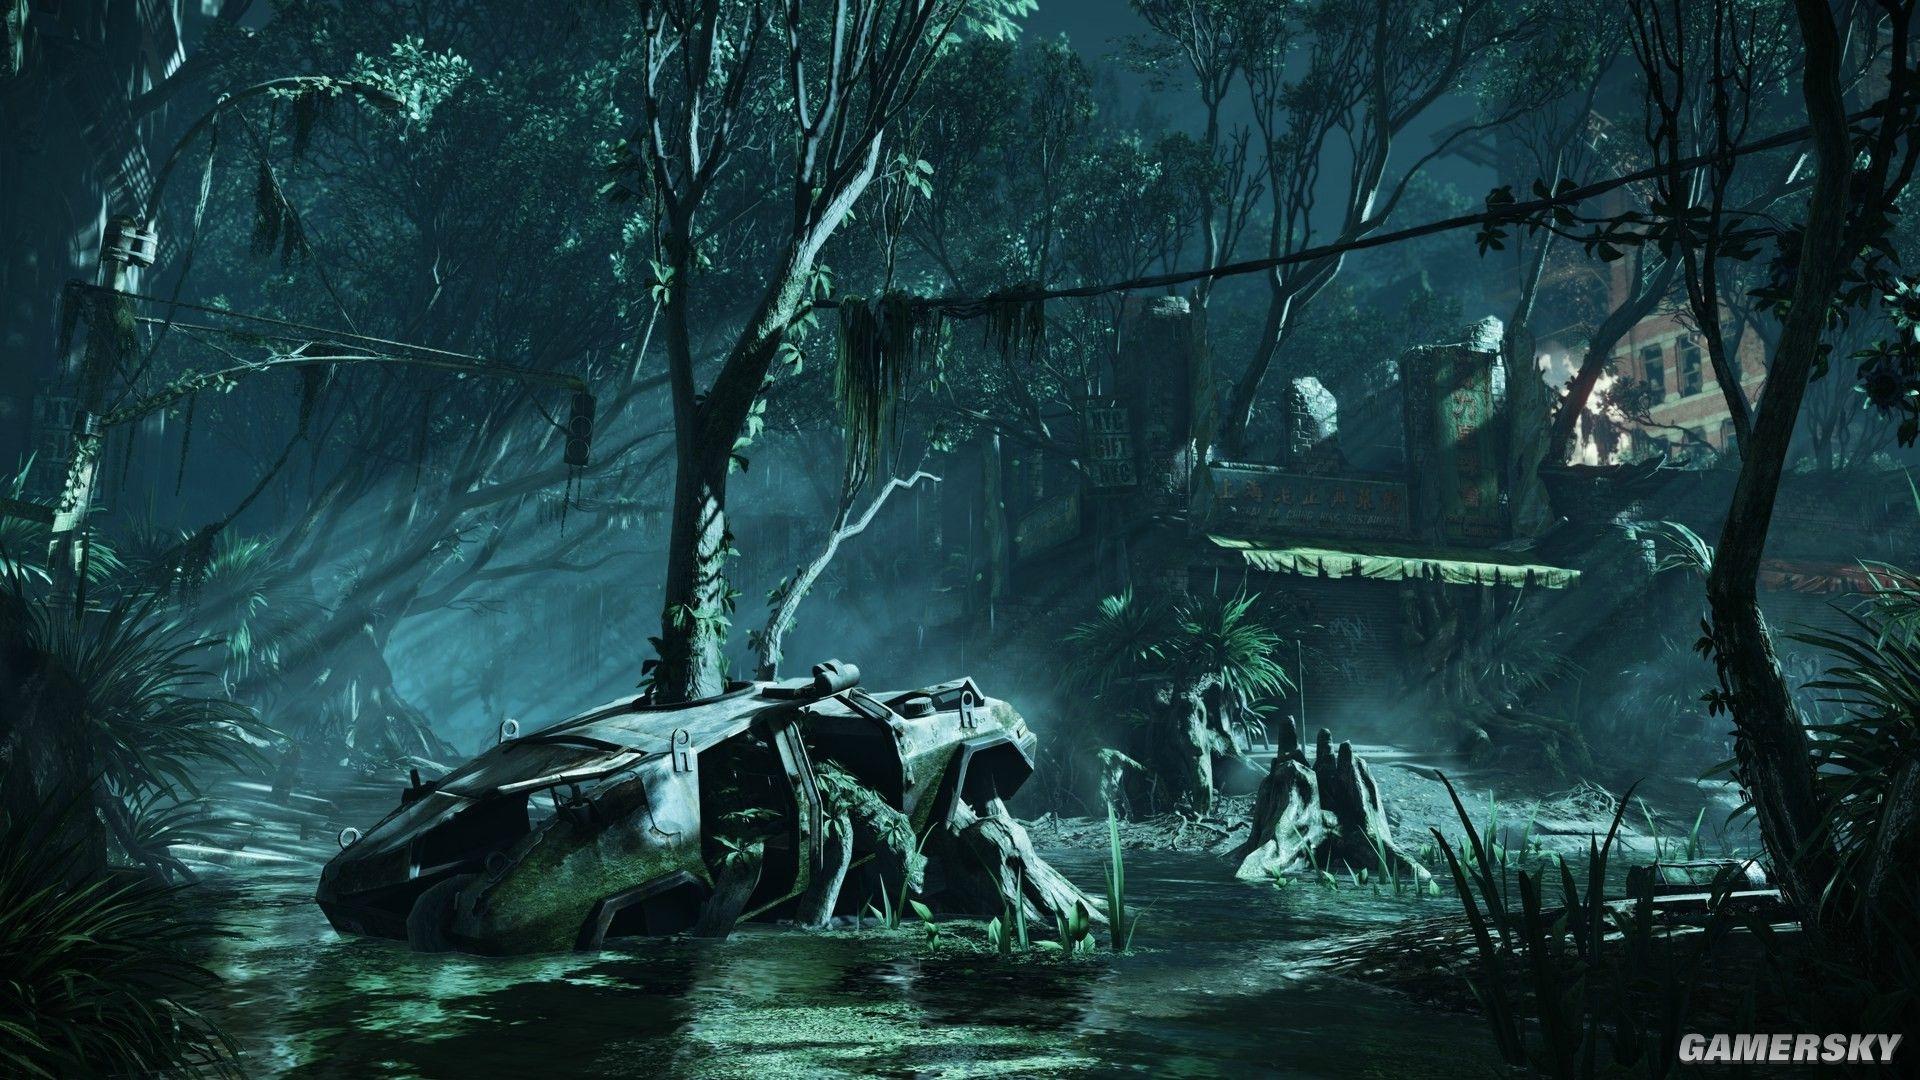 《孤岛危机3》最新截图曝光